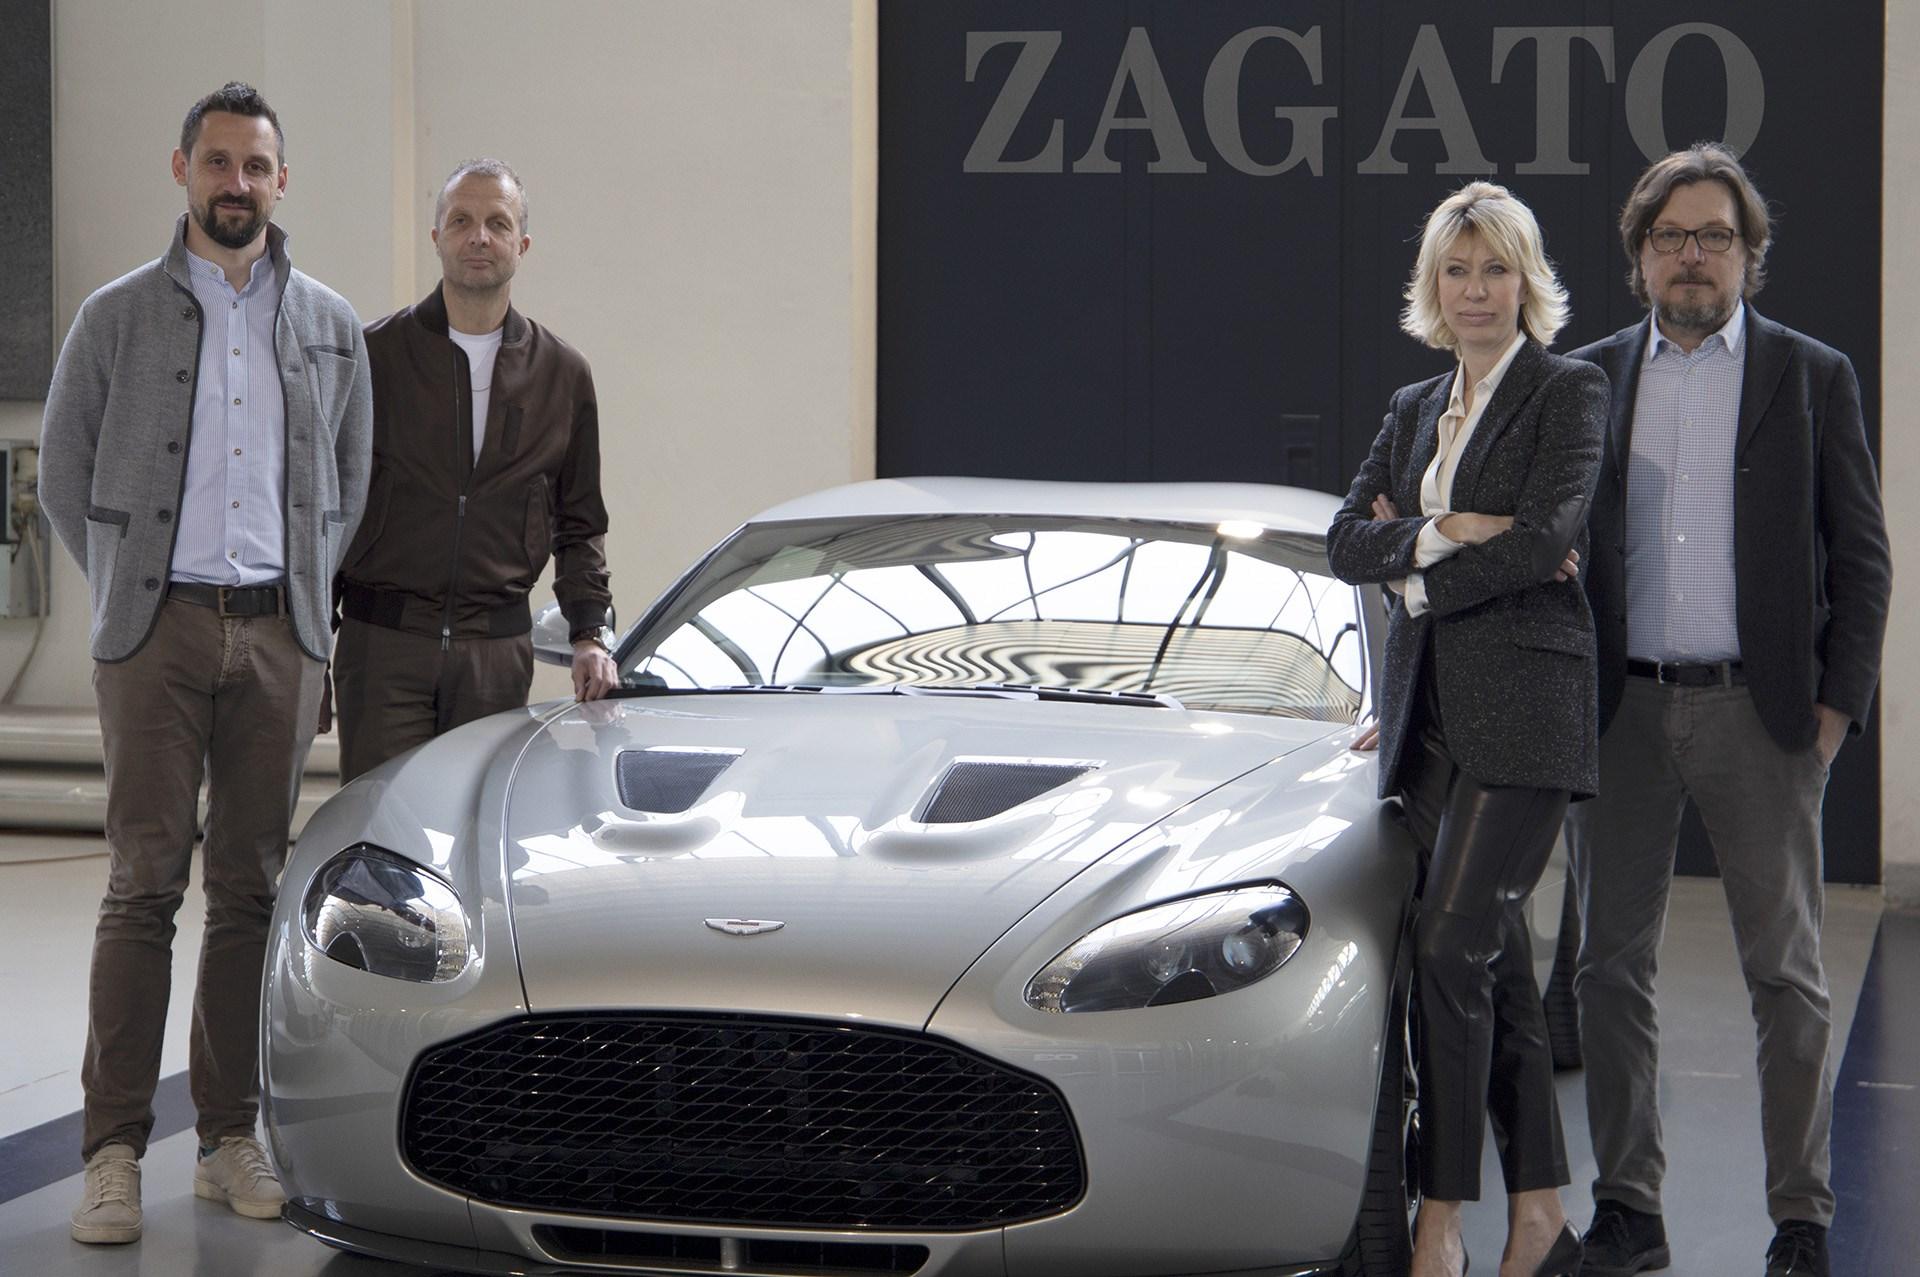 アストンマーティン、ヴァンテージV12 ザガート・ヘリテージ・ツインズを発表 ザガート創立100周年を記念